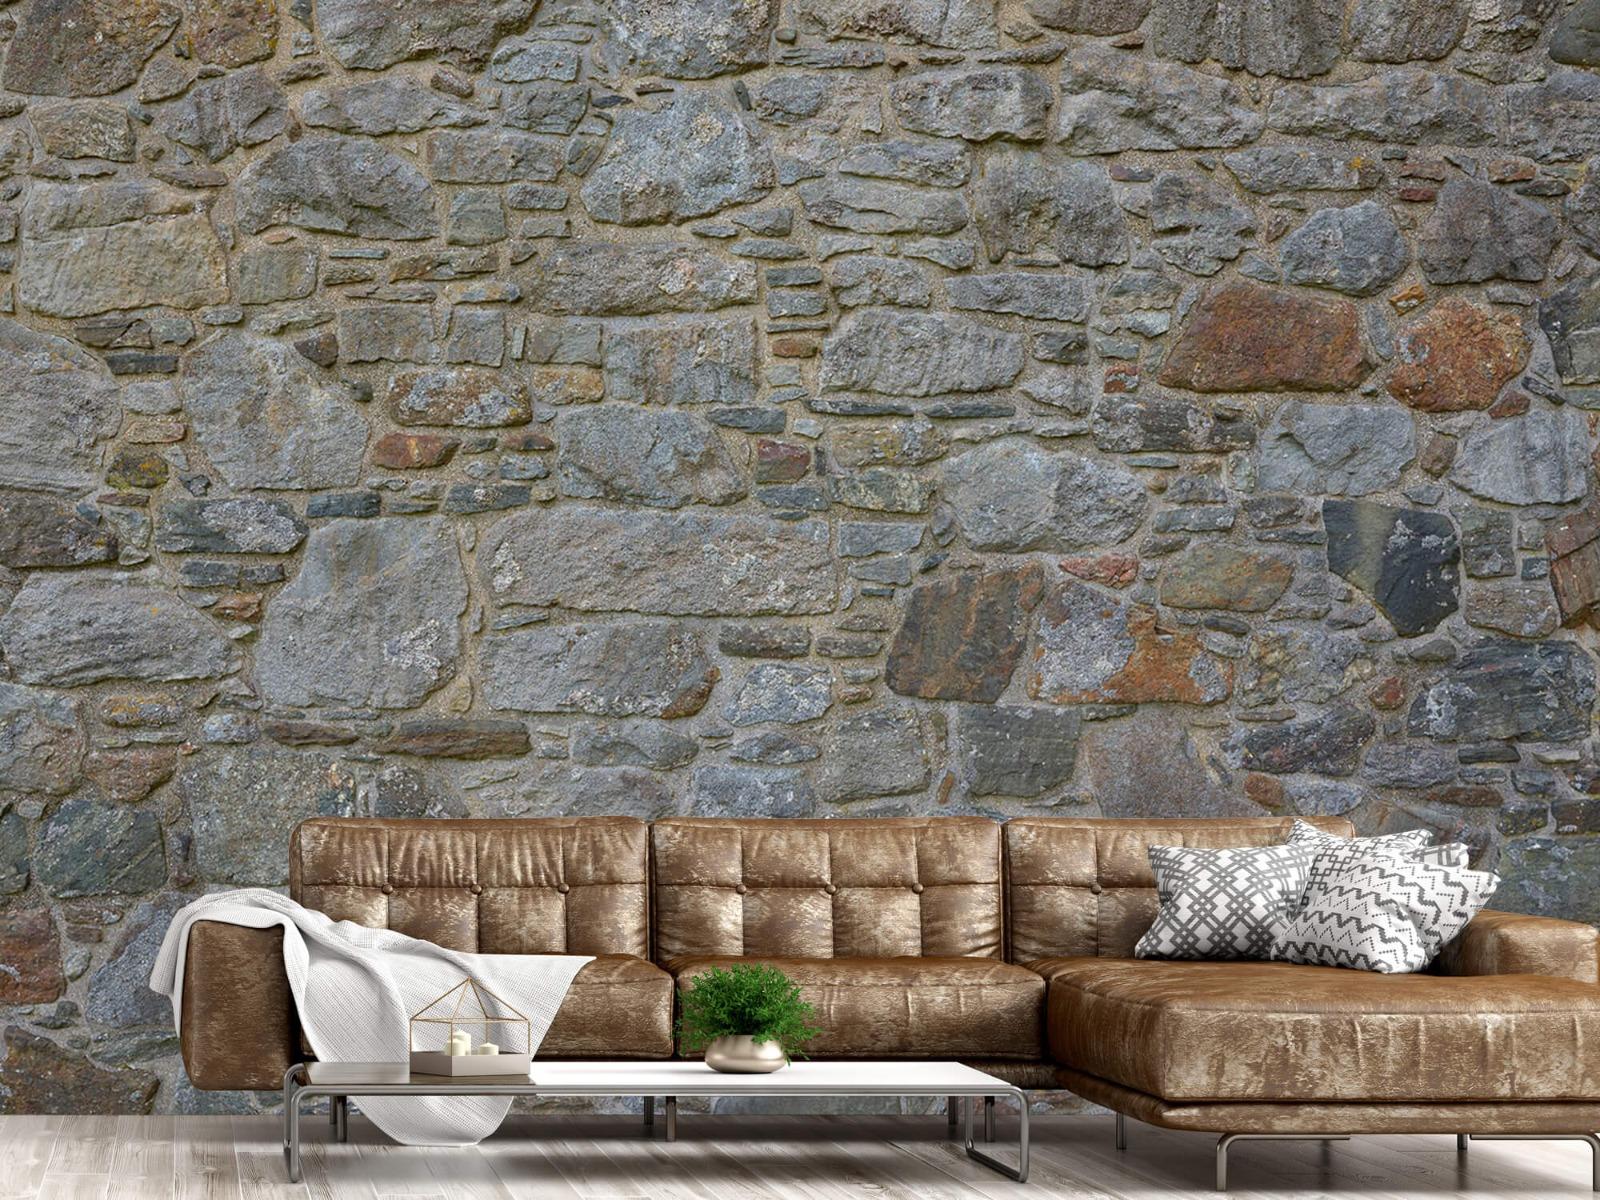 Papier peint en pierre - Mur de pierre médiéval - Chambre à coucher 15